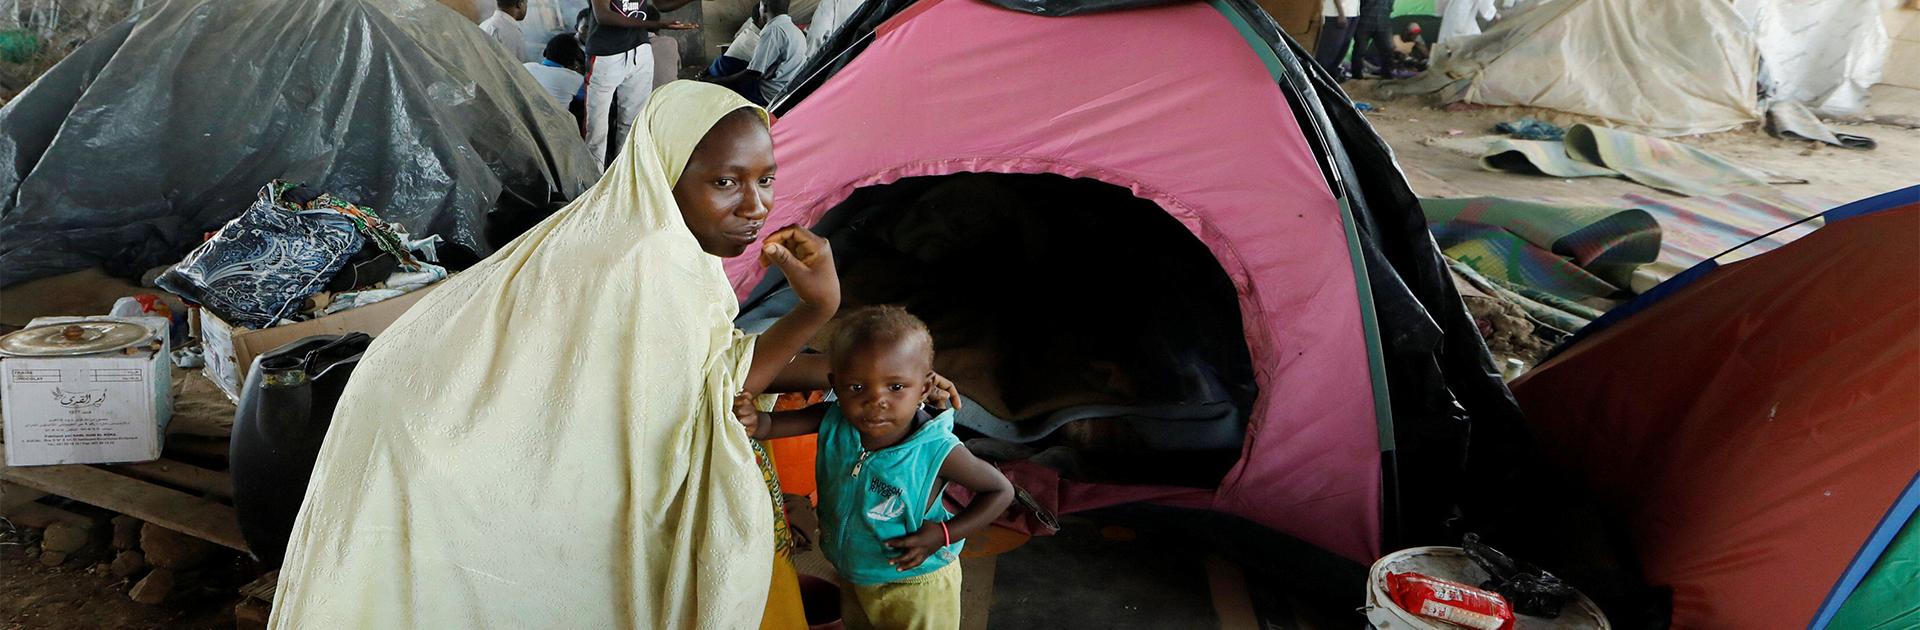 Algérie: Euro-Med critique la politique d'arrestation et d'expulsion des réfugiés africains